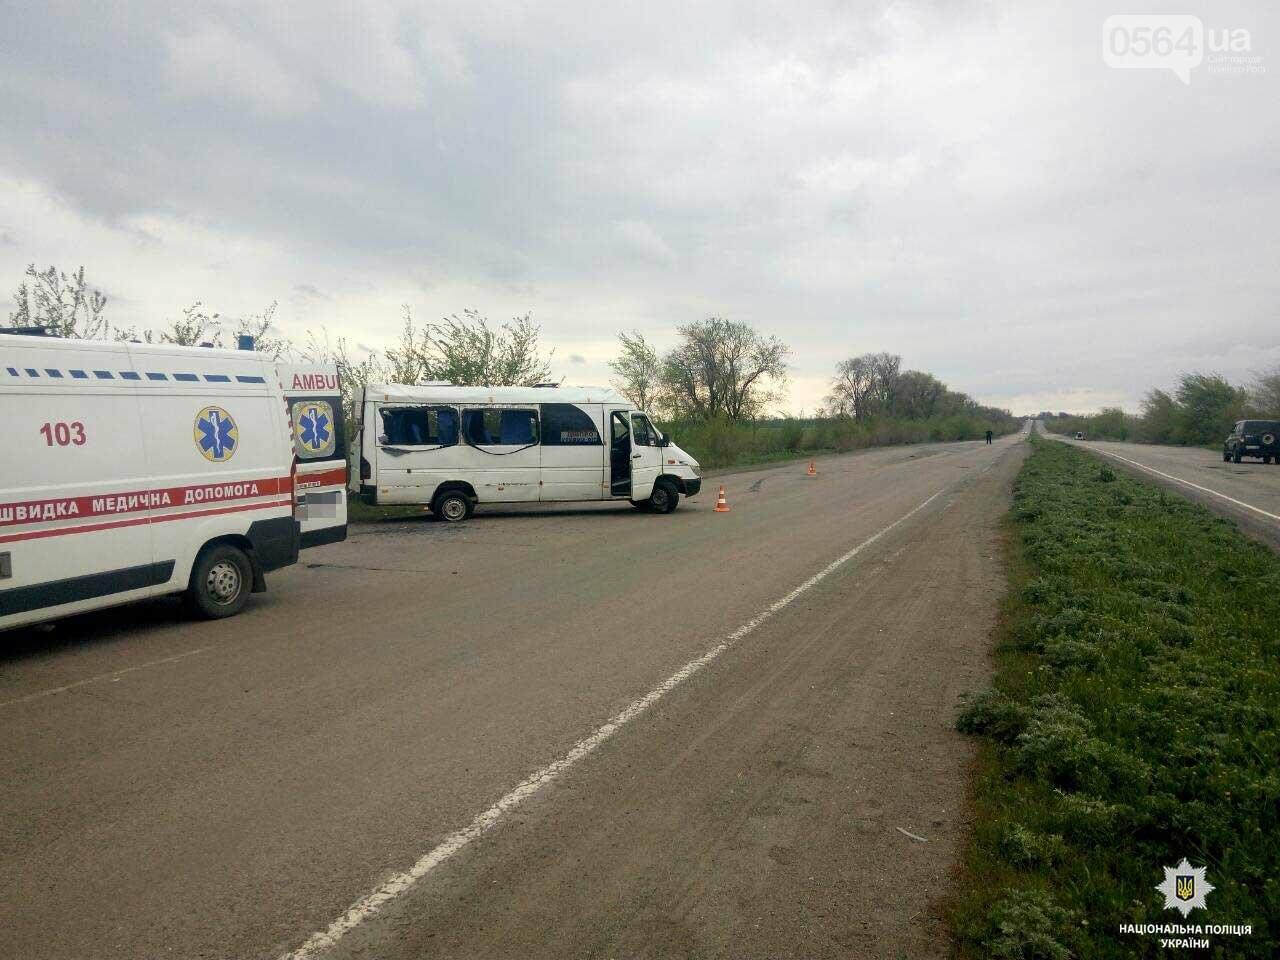 Полиция возбудила уголовное дело по факту ДТП на криворожской трассе, где пострадали 5 человек в маршрутке (ФОТО), фото-1